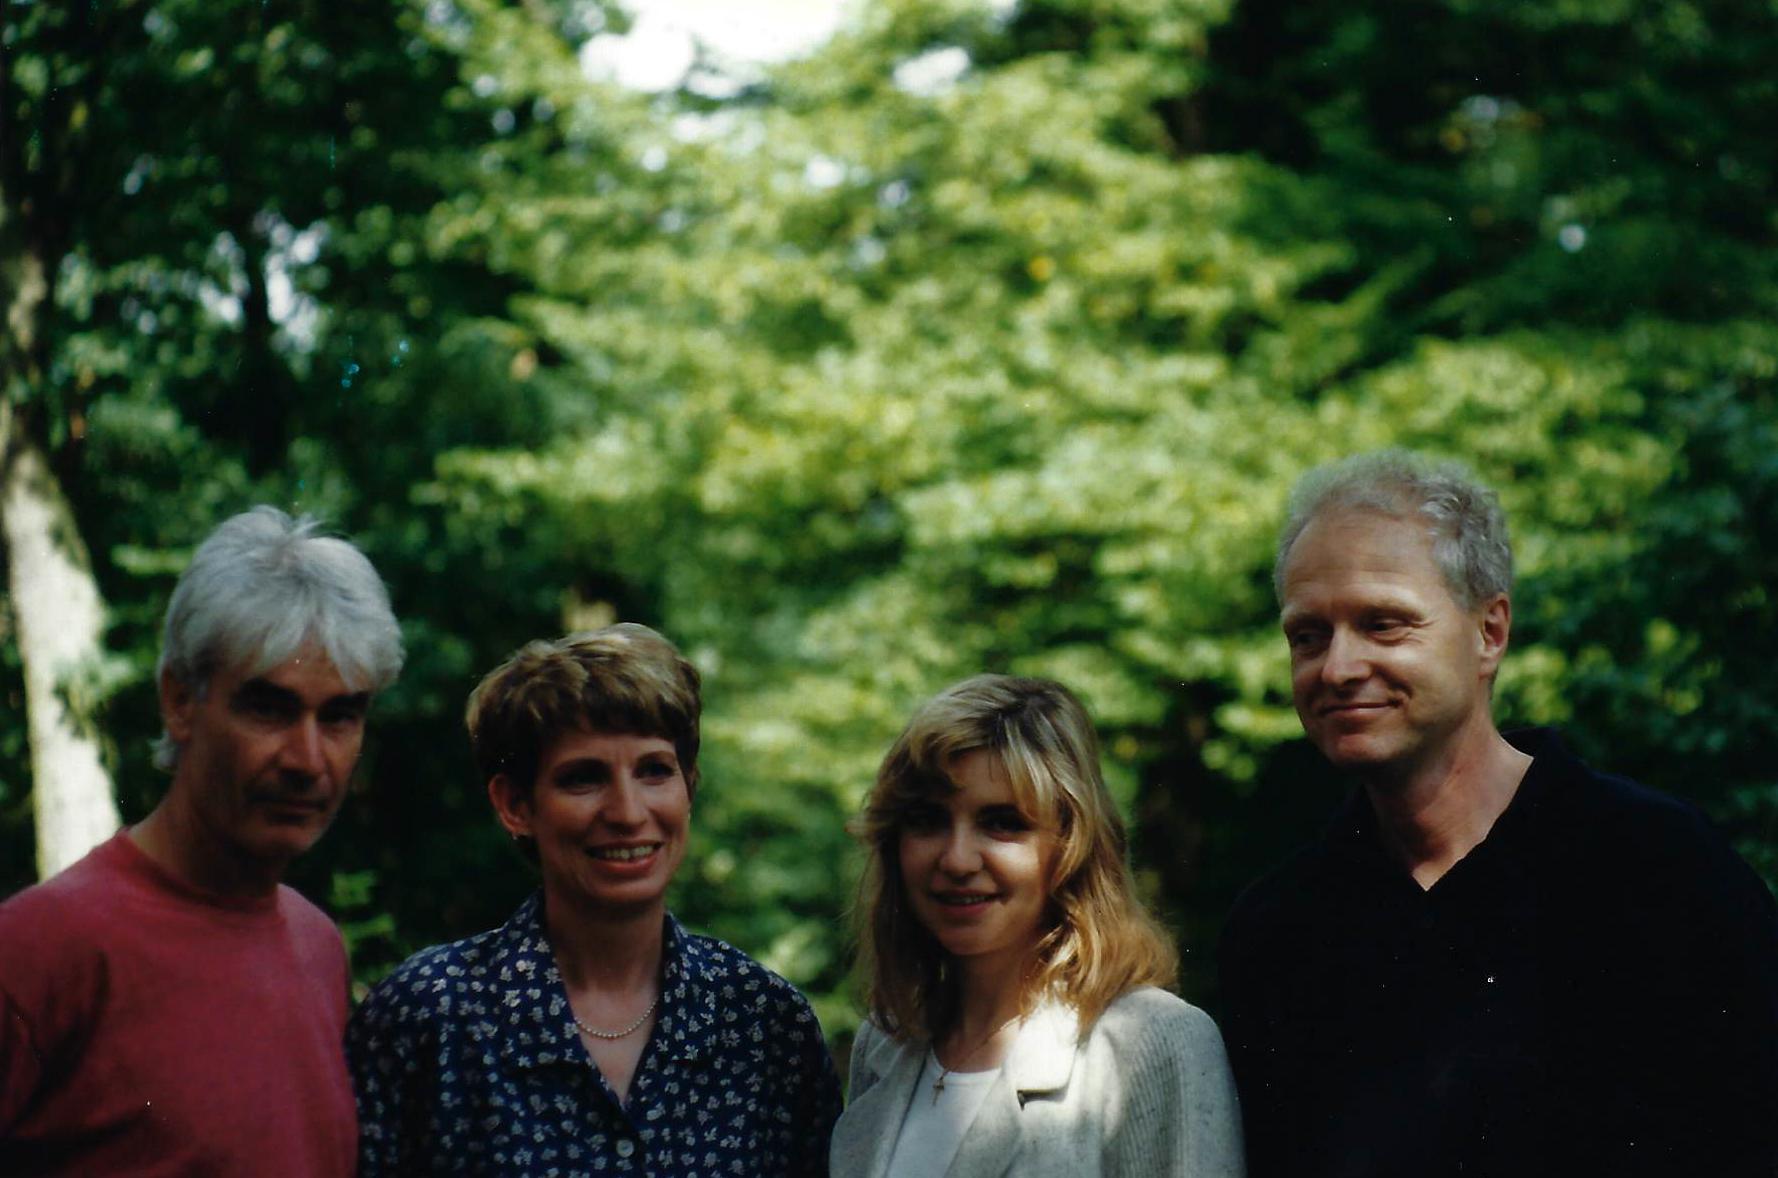 Regisseur Wil van Neerven, Duitse en Belgische presentatrice (Lucette) en Uwe Monninghof van de Duitse Omroep